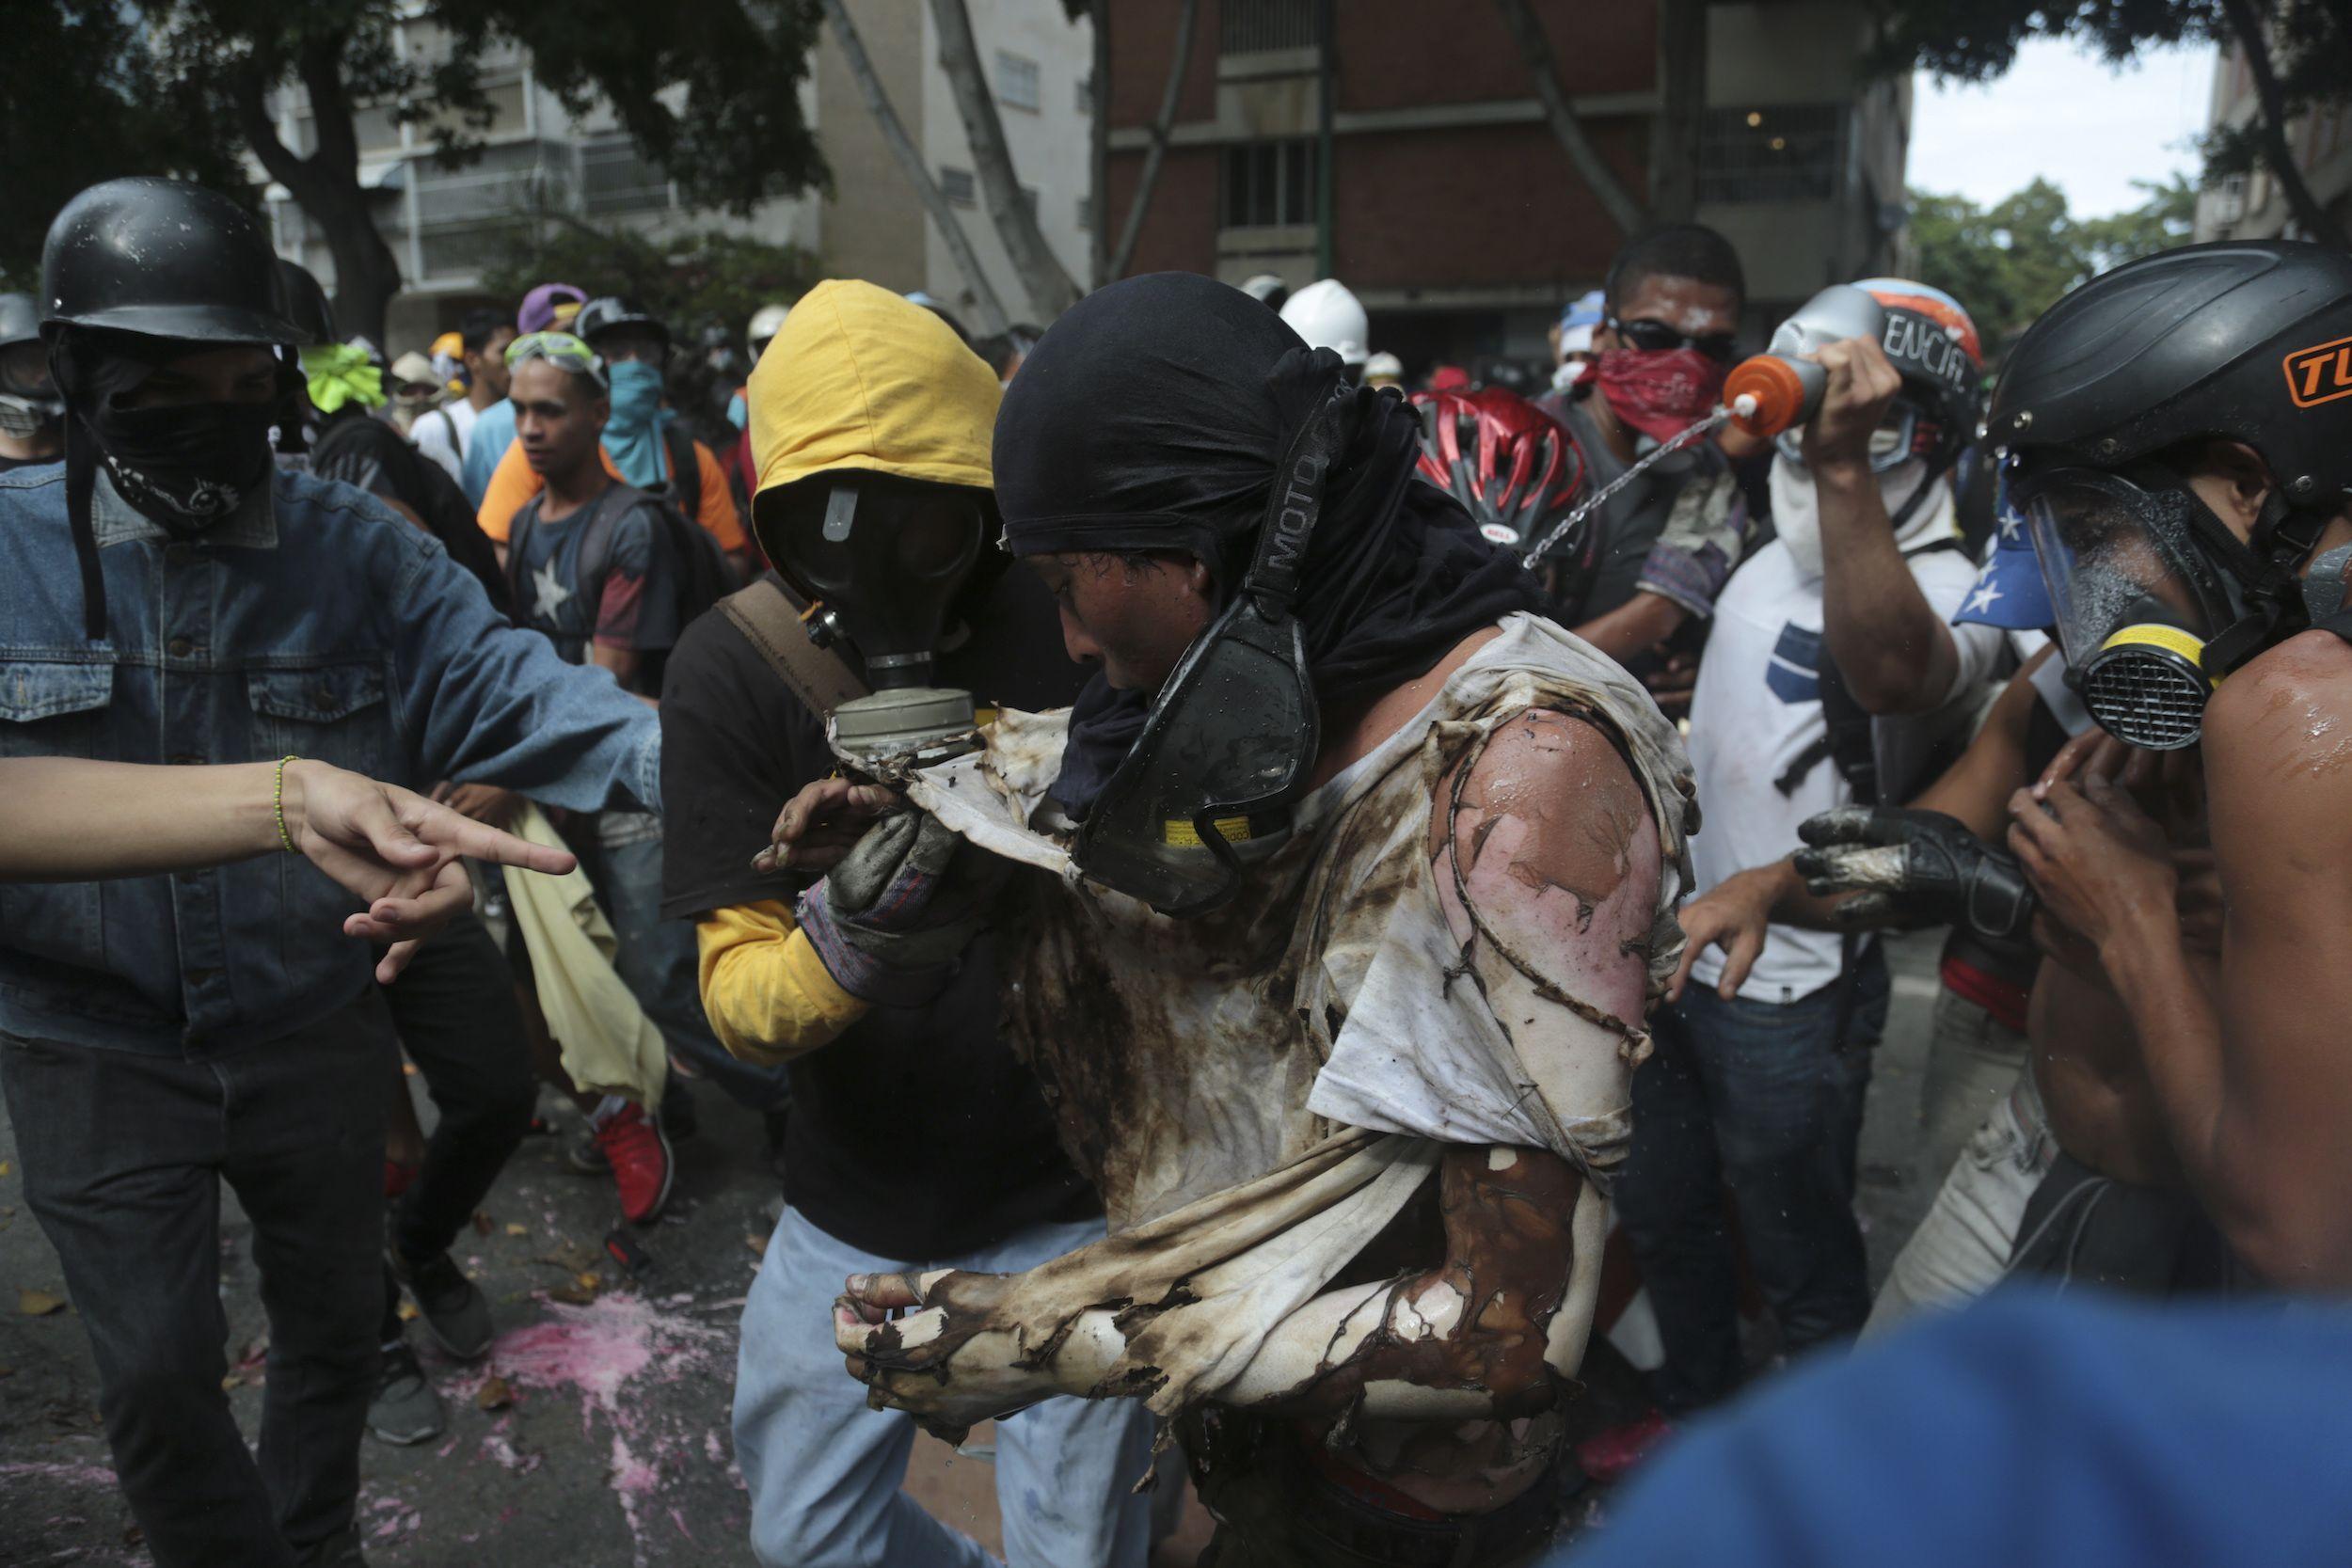 Un hombre es ayudado tras sufrir quemaduras, luego de que manifestantes prendieran en fuego una moto de la Guardia Nacional Bolivariana. (Foto: AP / Fernando Llano)